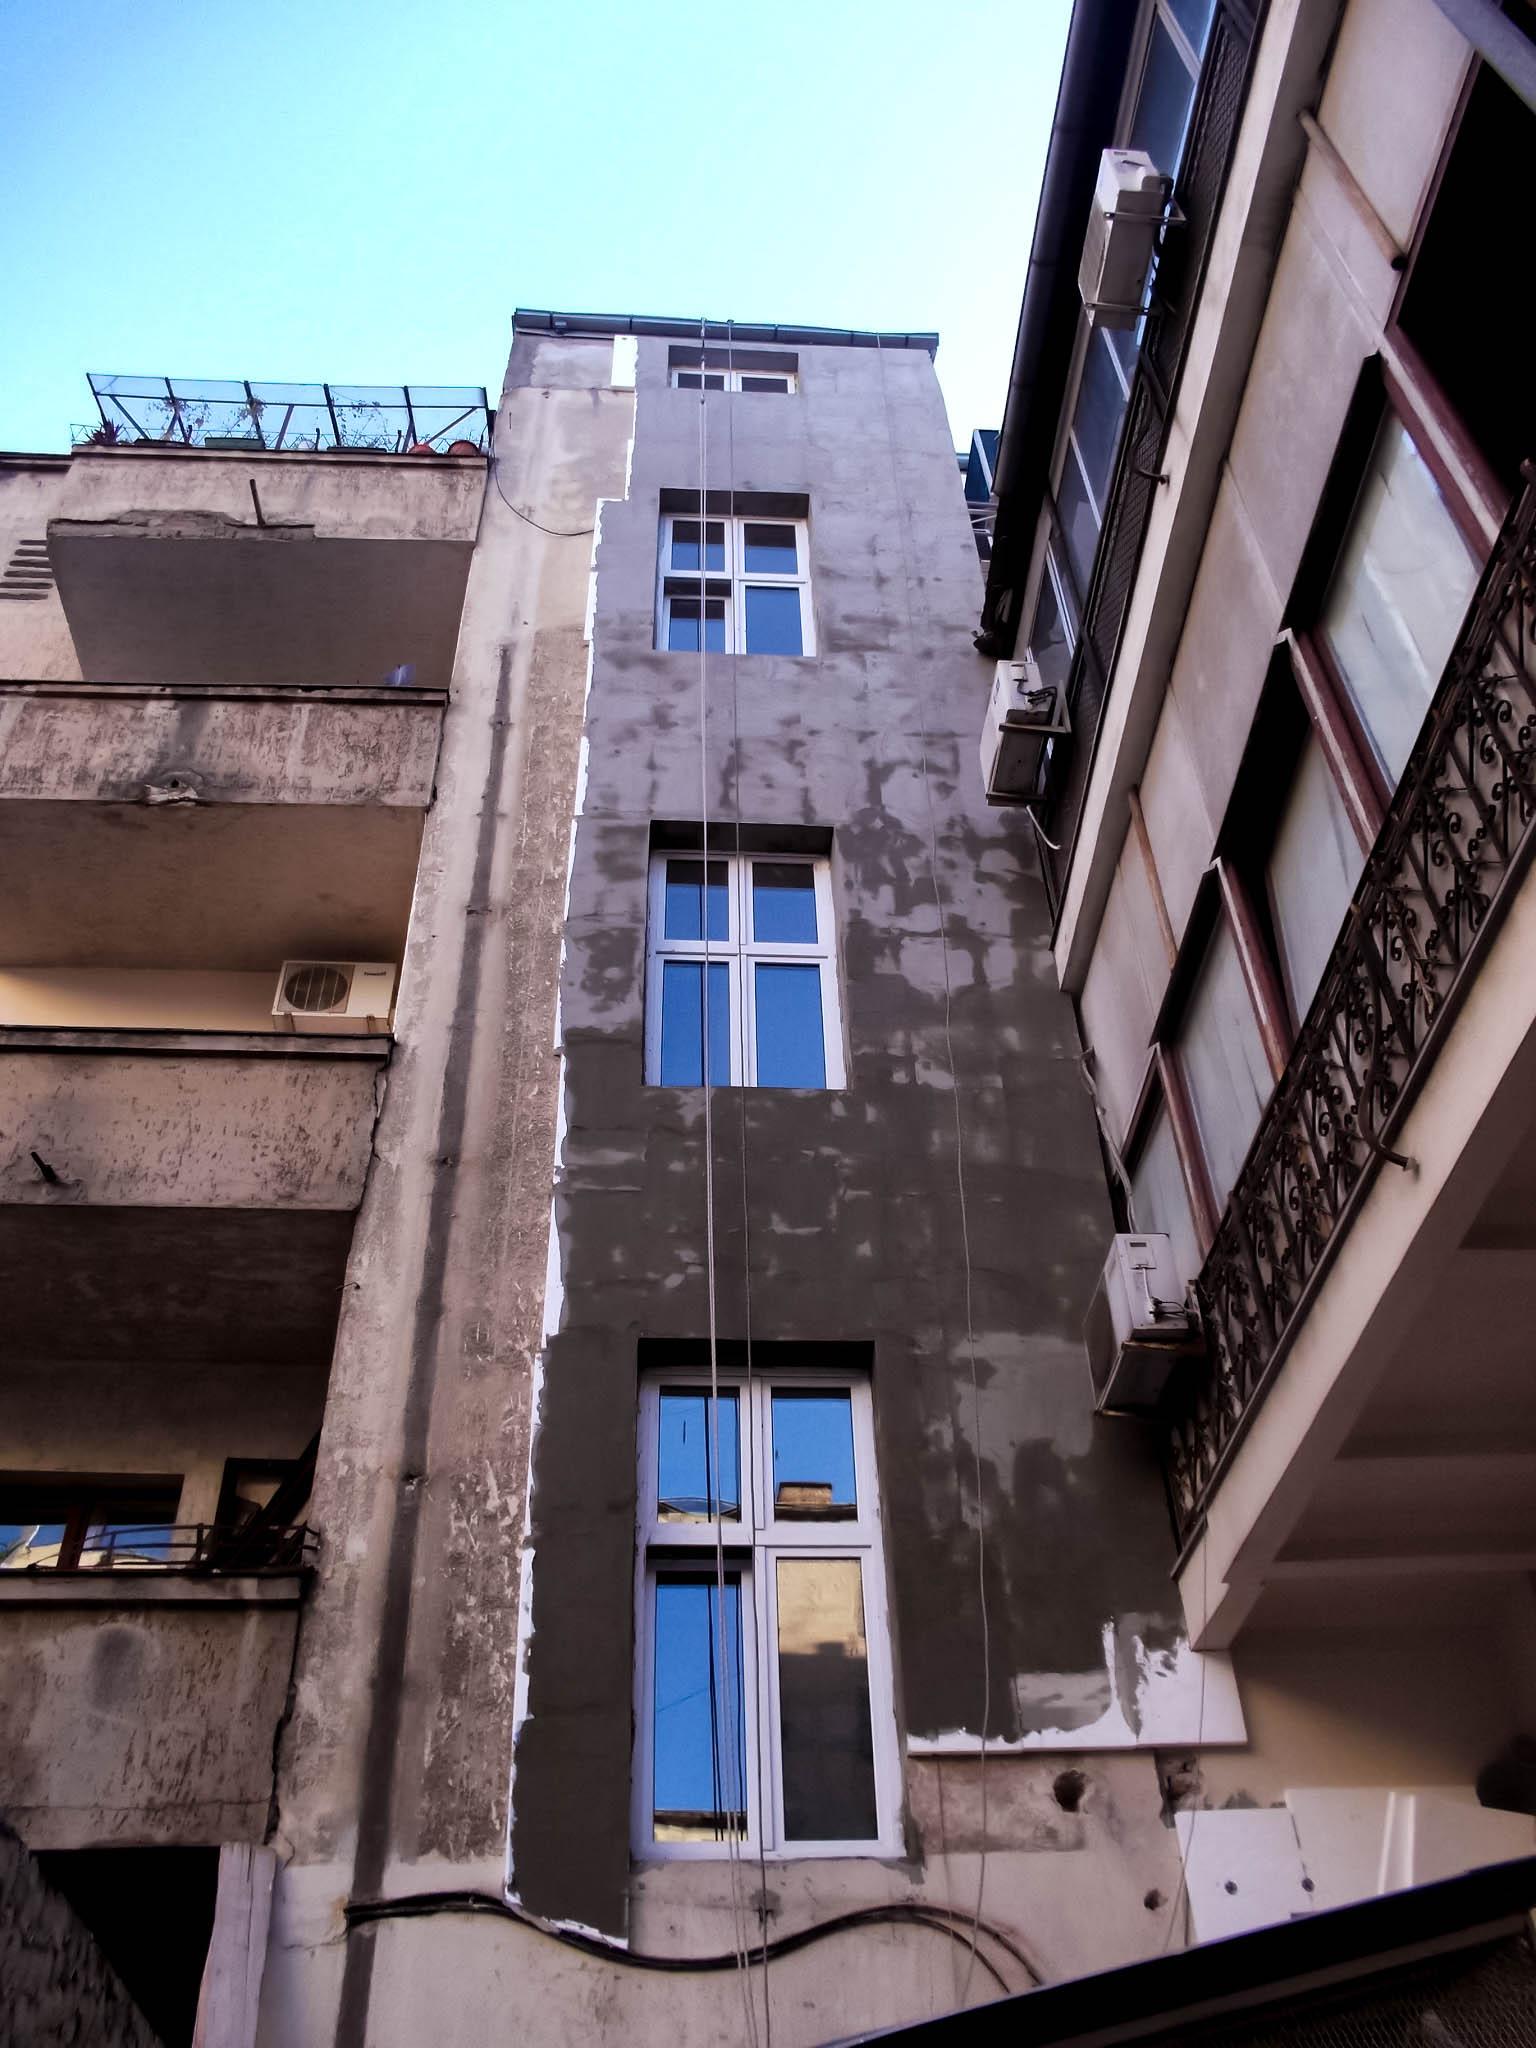 Ugradnja demit fasade, Visinski radovi Beograd - Alpinista.rs Aleksandar Mojsilovic 064 110 73 07